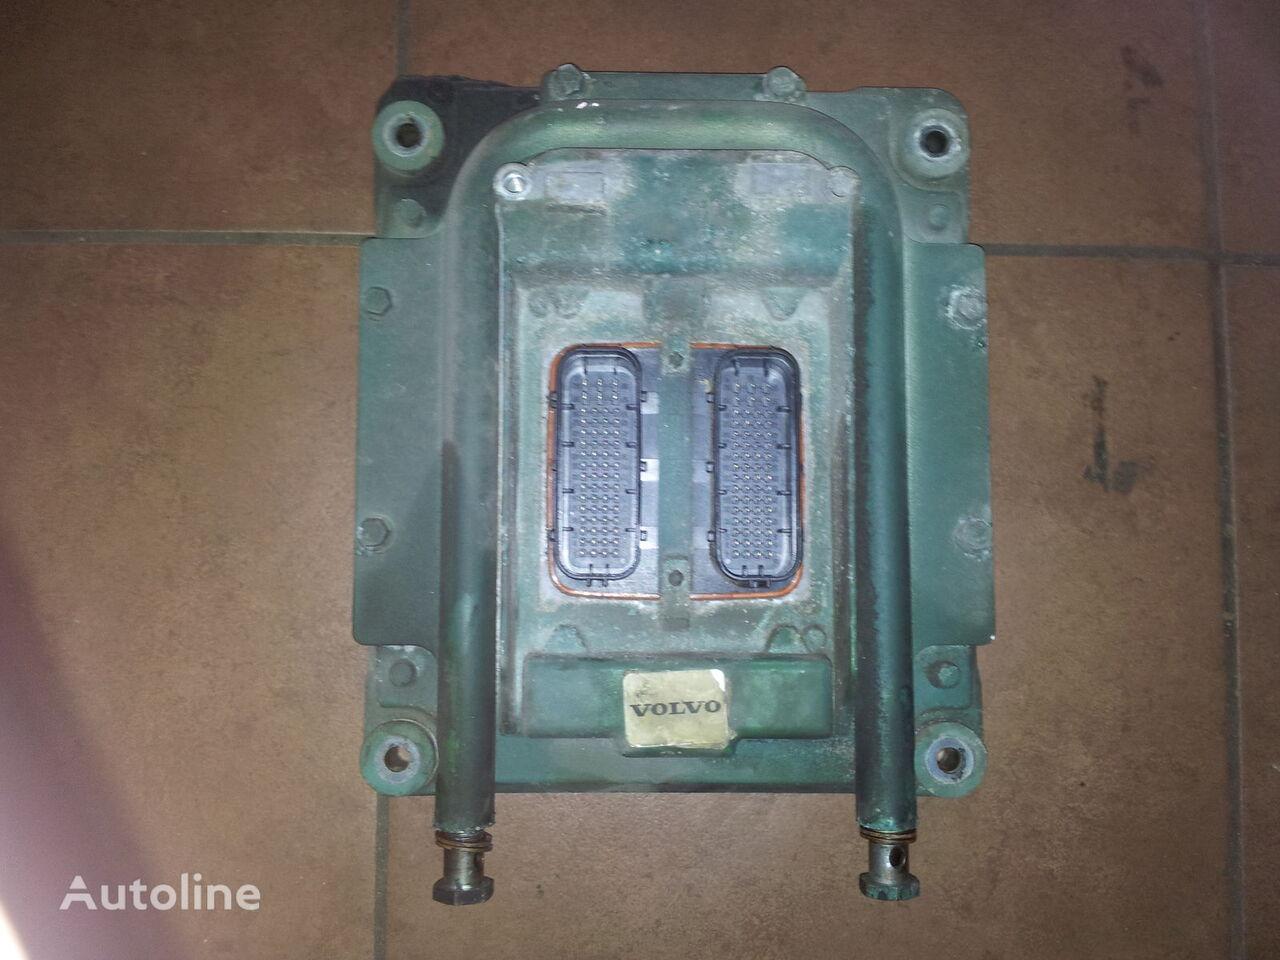 VOLVO FH13, Renault DXI engine control unit, EURO4, EURO5, D13A 440 PS unidad de control para VOLVO FH13 camión